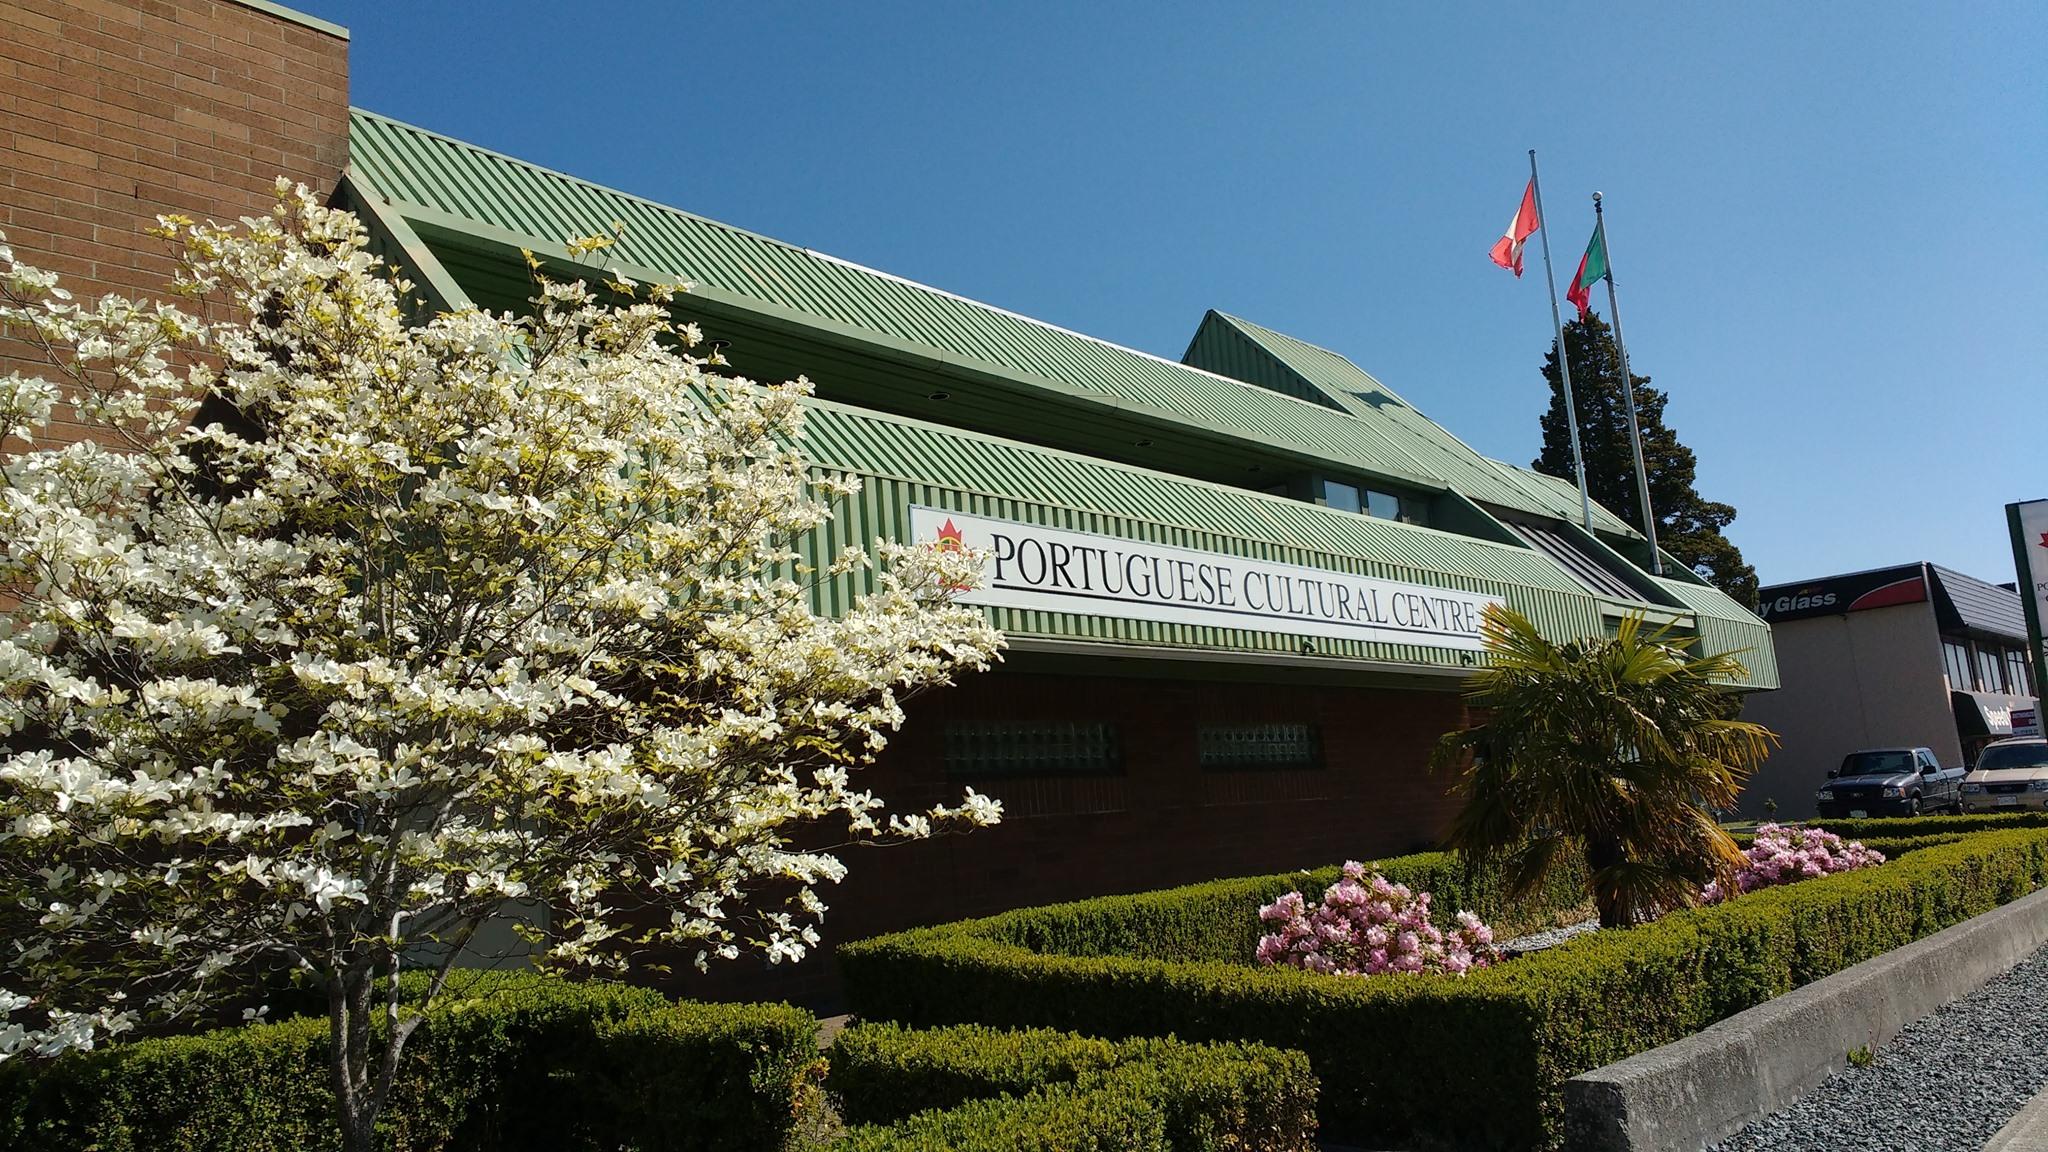 Portuguese Cultural Centre of BC